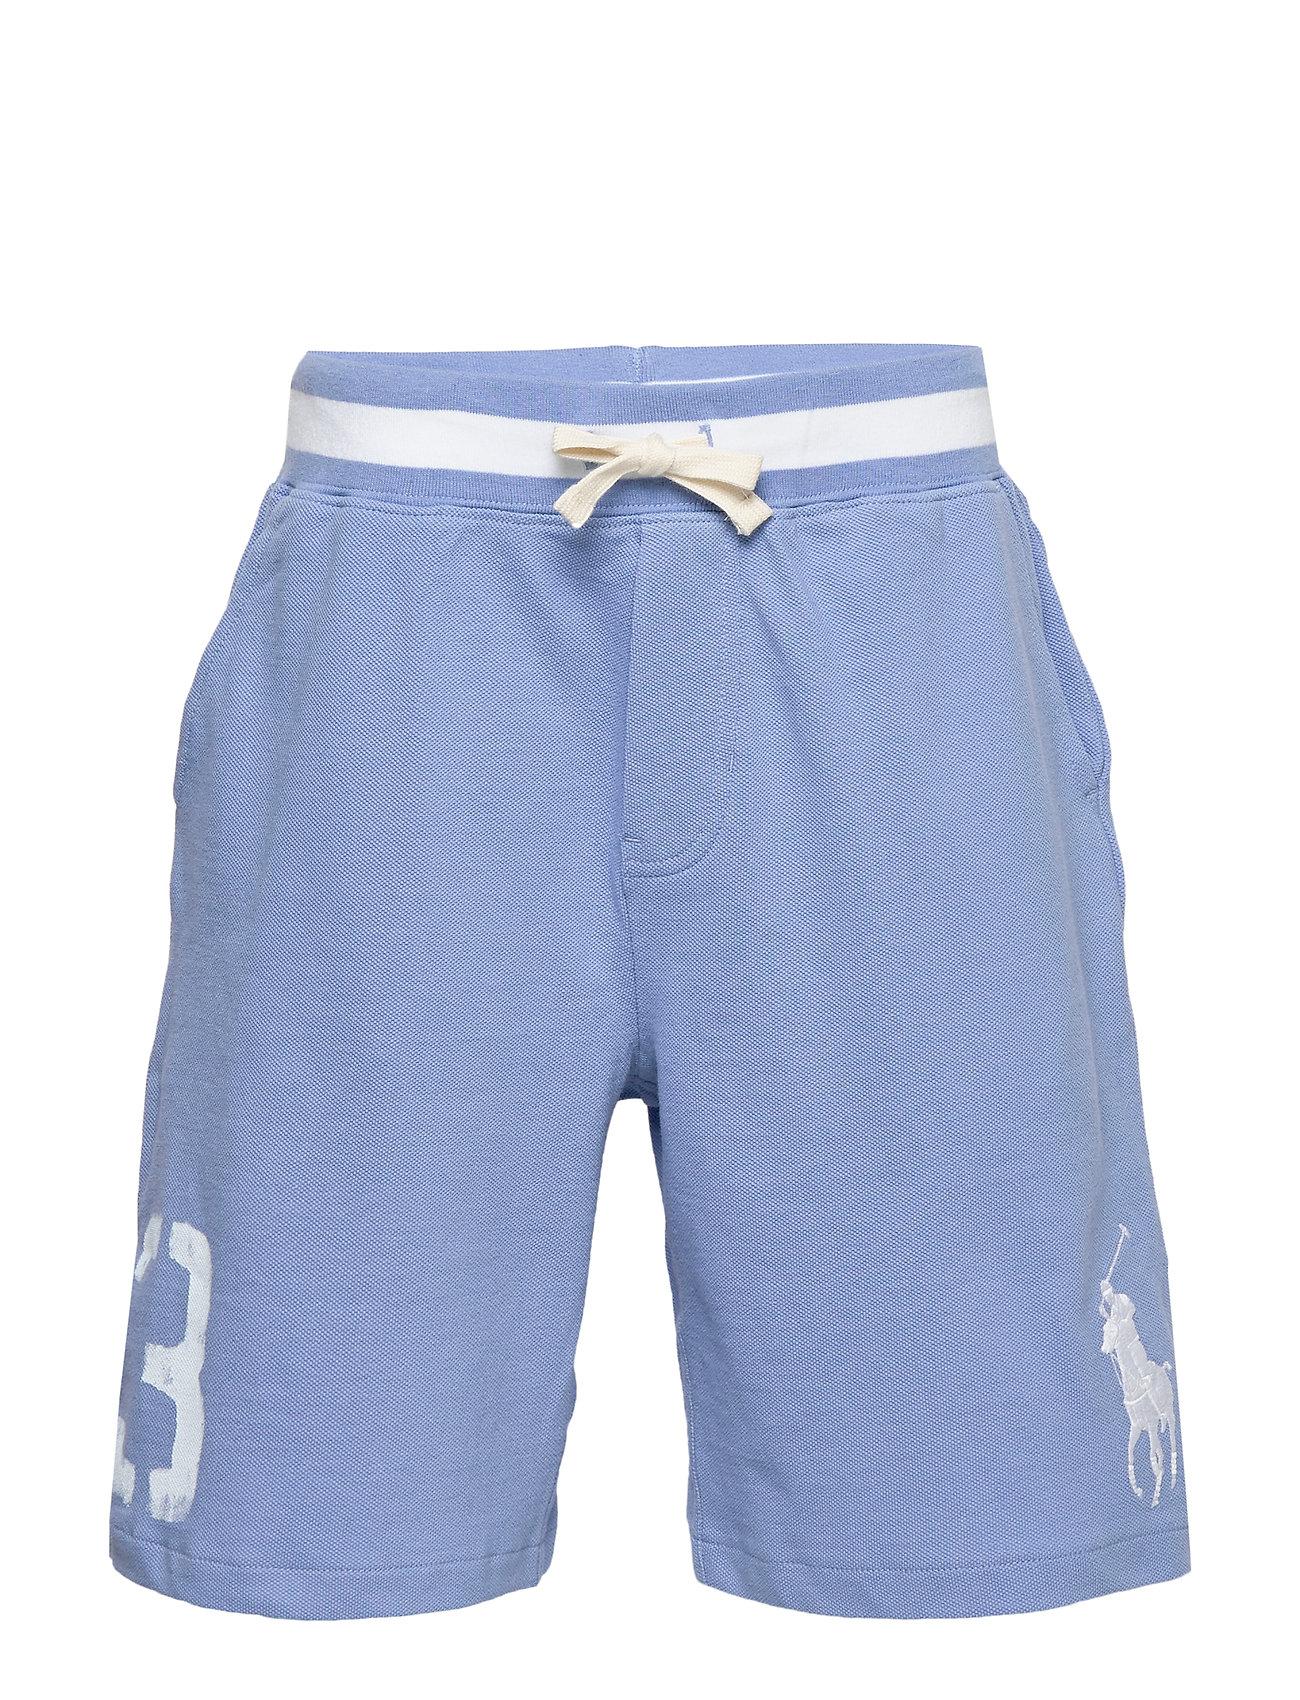 Ralph Lauren Kids Big Pony Cotton Mesh Short - FALL BLUE